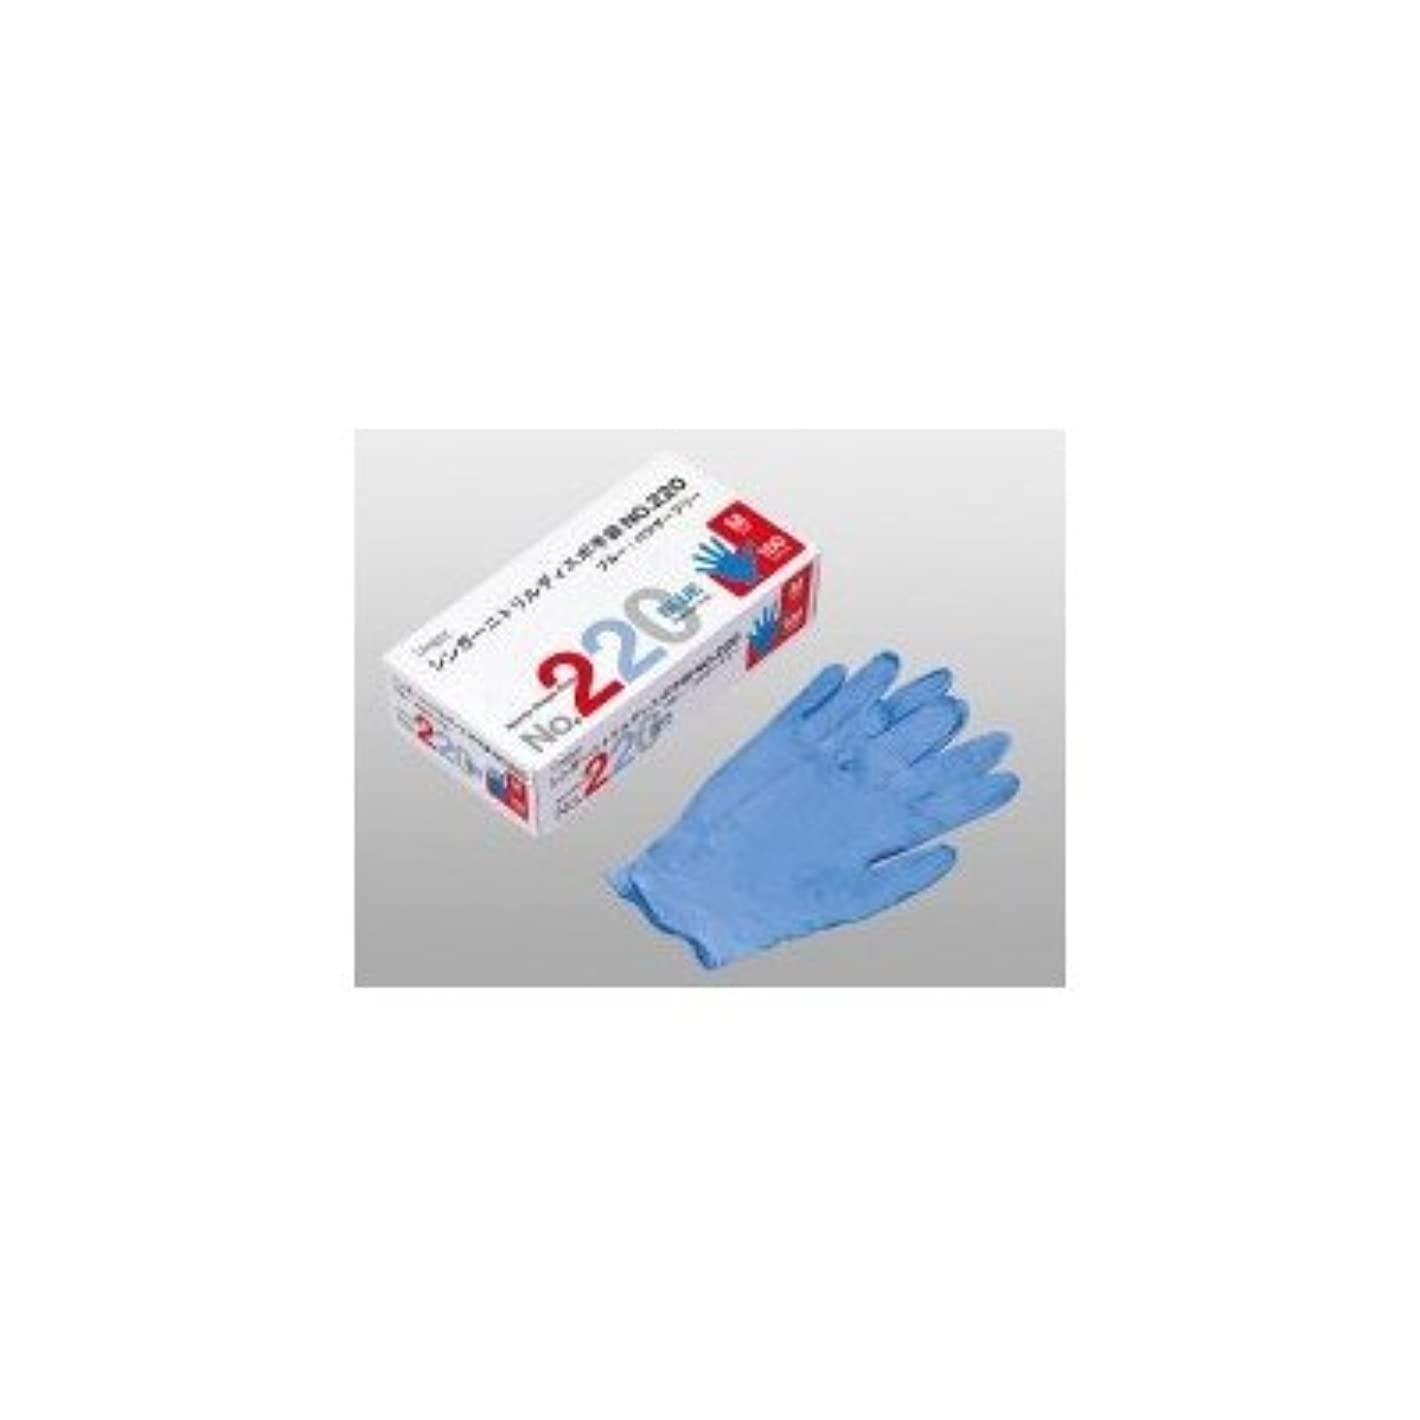 エンゲージメント抽出カカドゥシンガーニトリルディスポ手袋 No.220 ブルー パウダーフリー(100枚) M( 画像はイメージ画像です お届けの商品はMのみとなります)